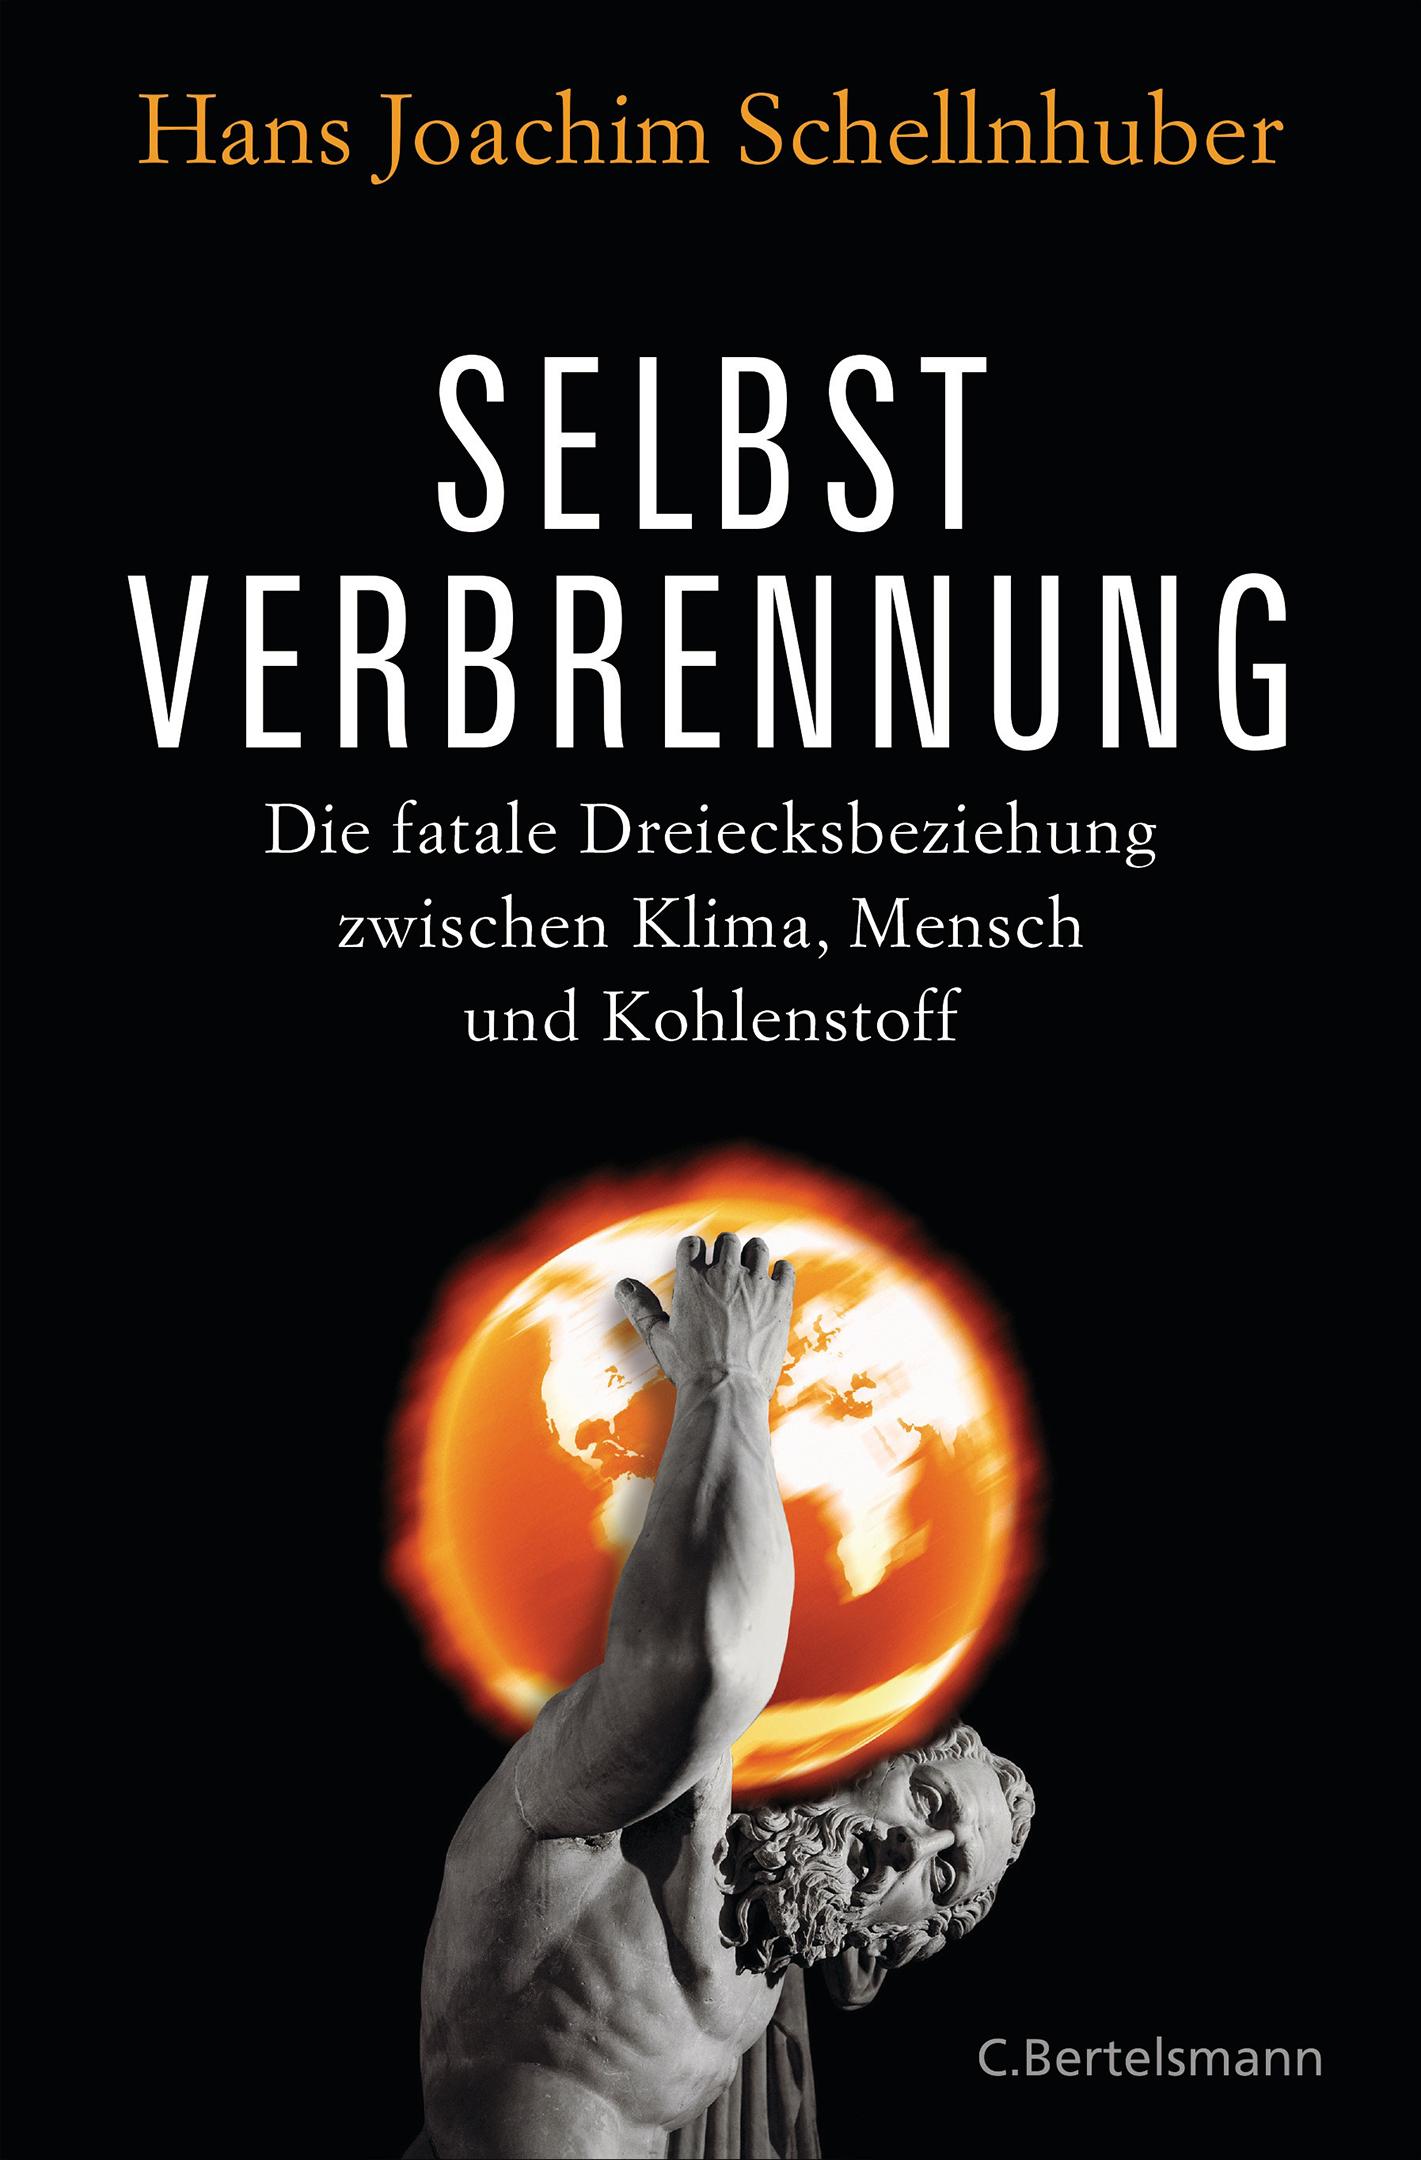 Selbstverbrennung von Hans Joachim Schellnhuber